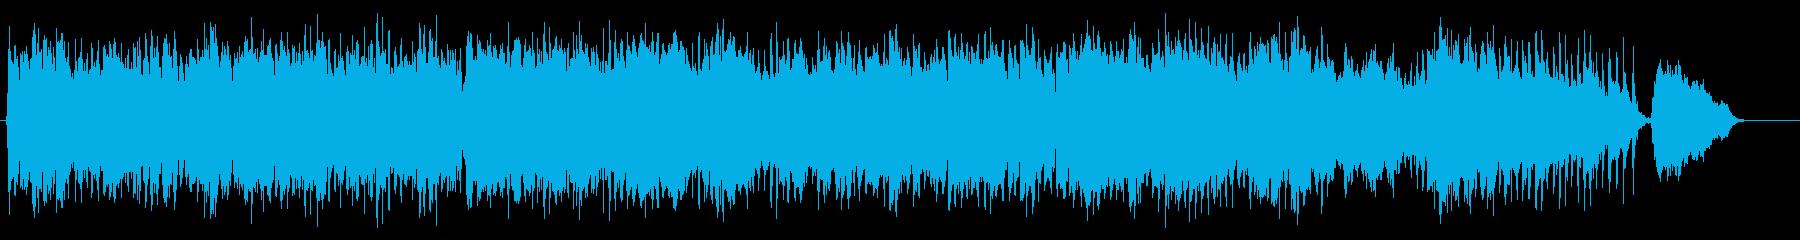 四季「冬」第2楽章 Largoの再生済みの波形